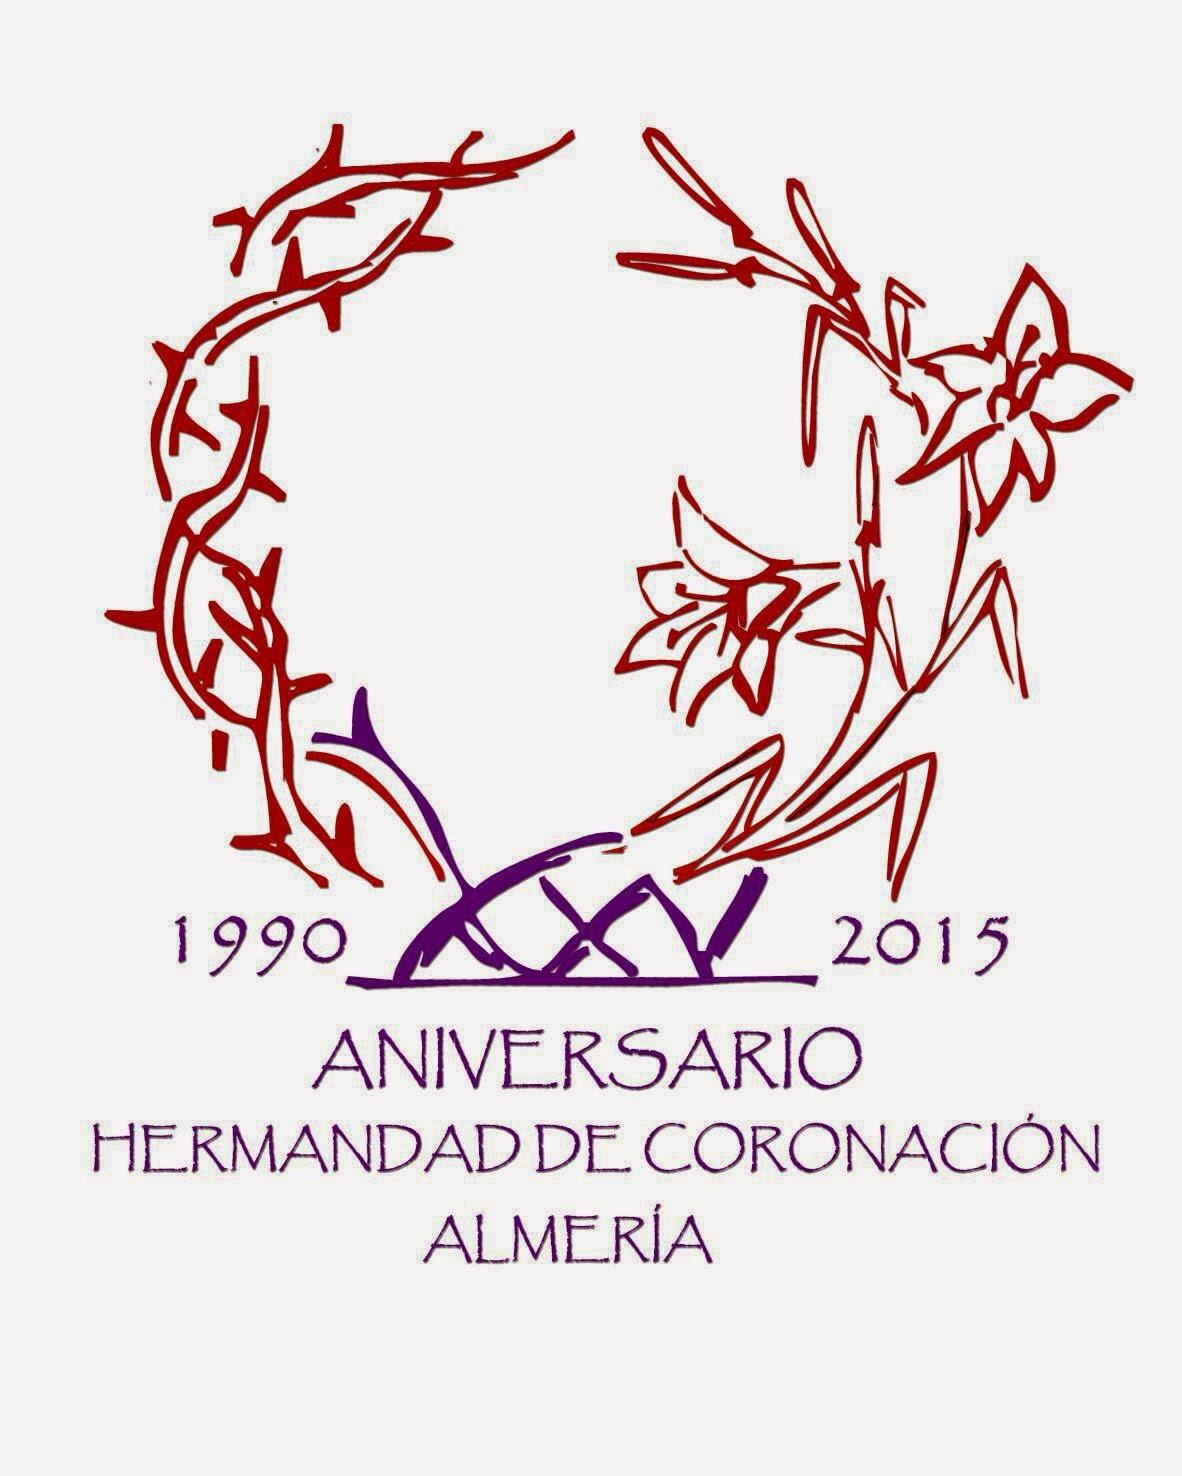 XXV Aniversario Hdad. Coronación Almería